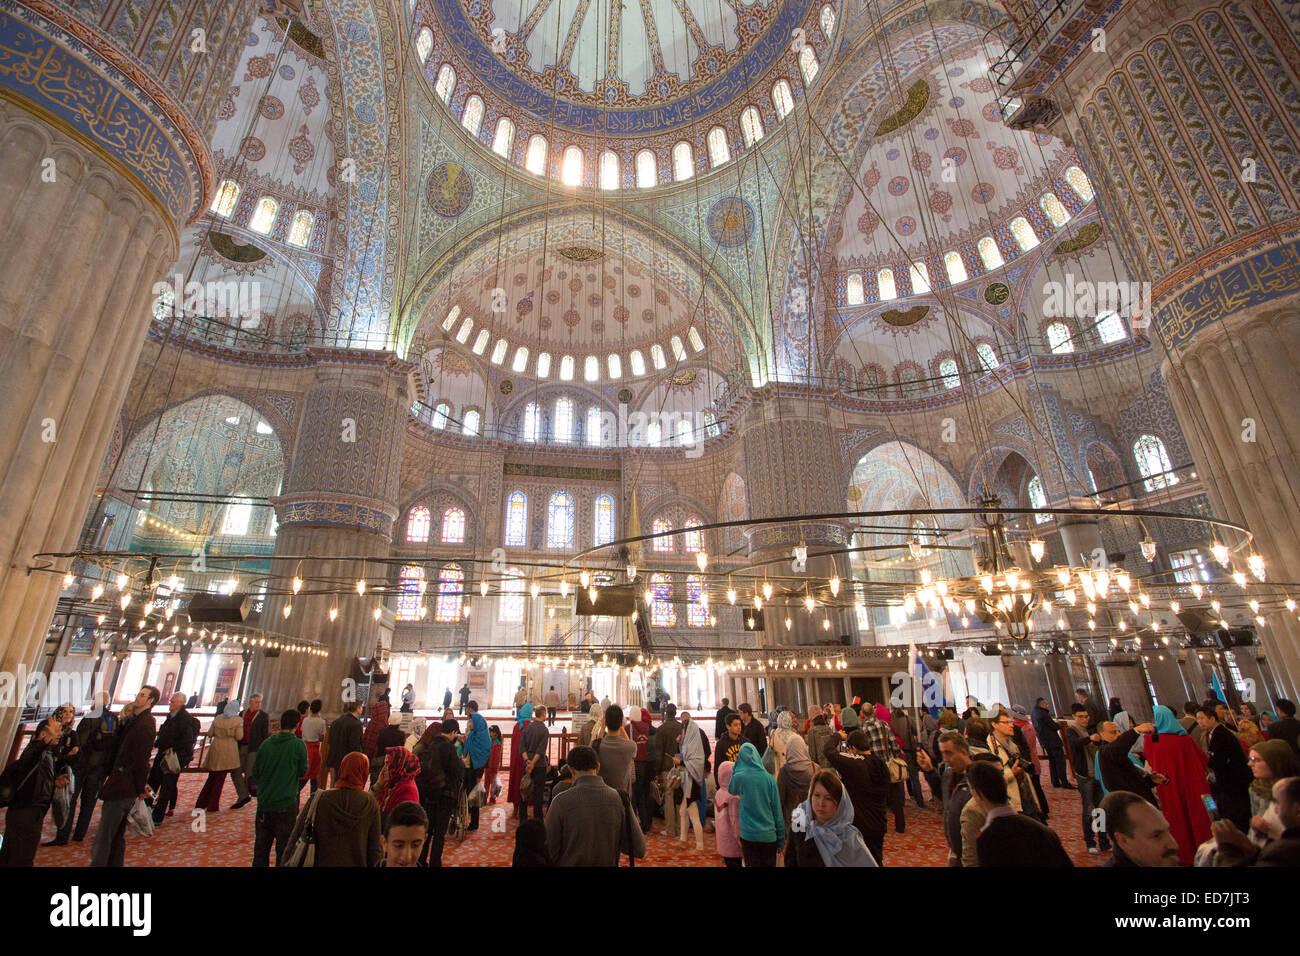 Vista dei turisti delle cupole della moschea Blu, Sultanahmet Camii o Sultan Ahmed moschea del XVII secolo ad Istanbul Foto Stock